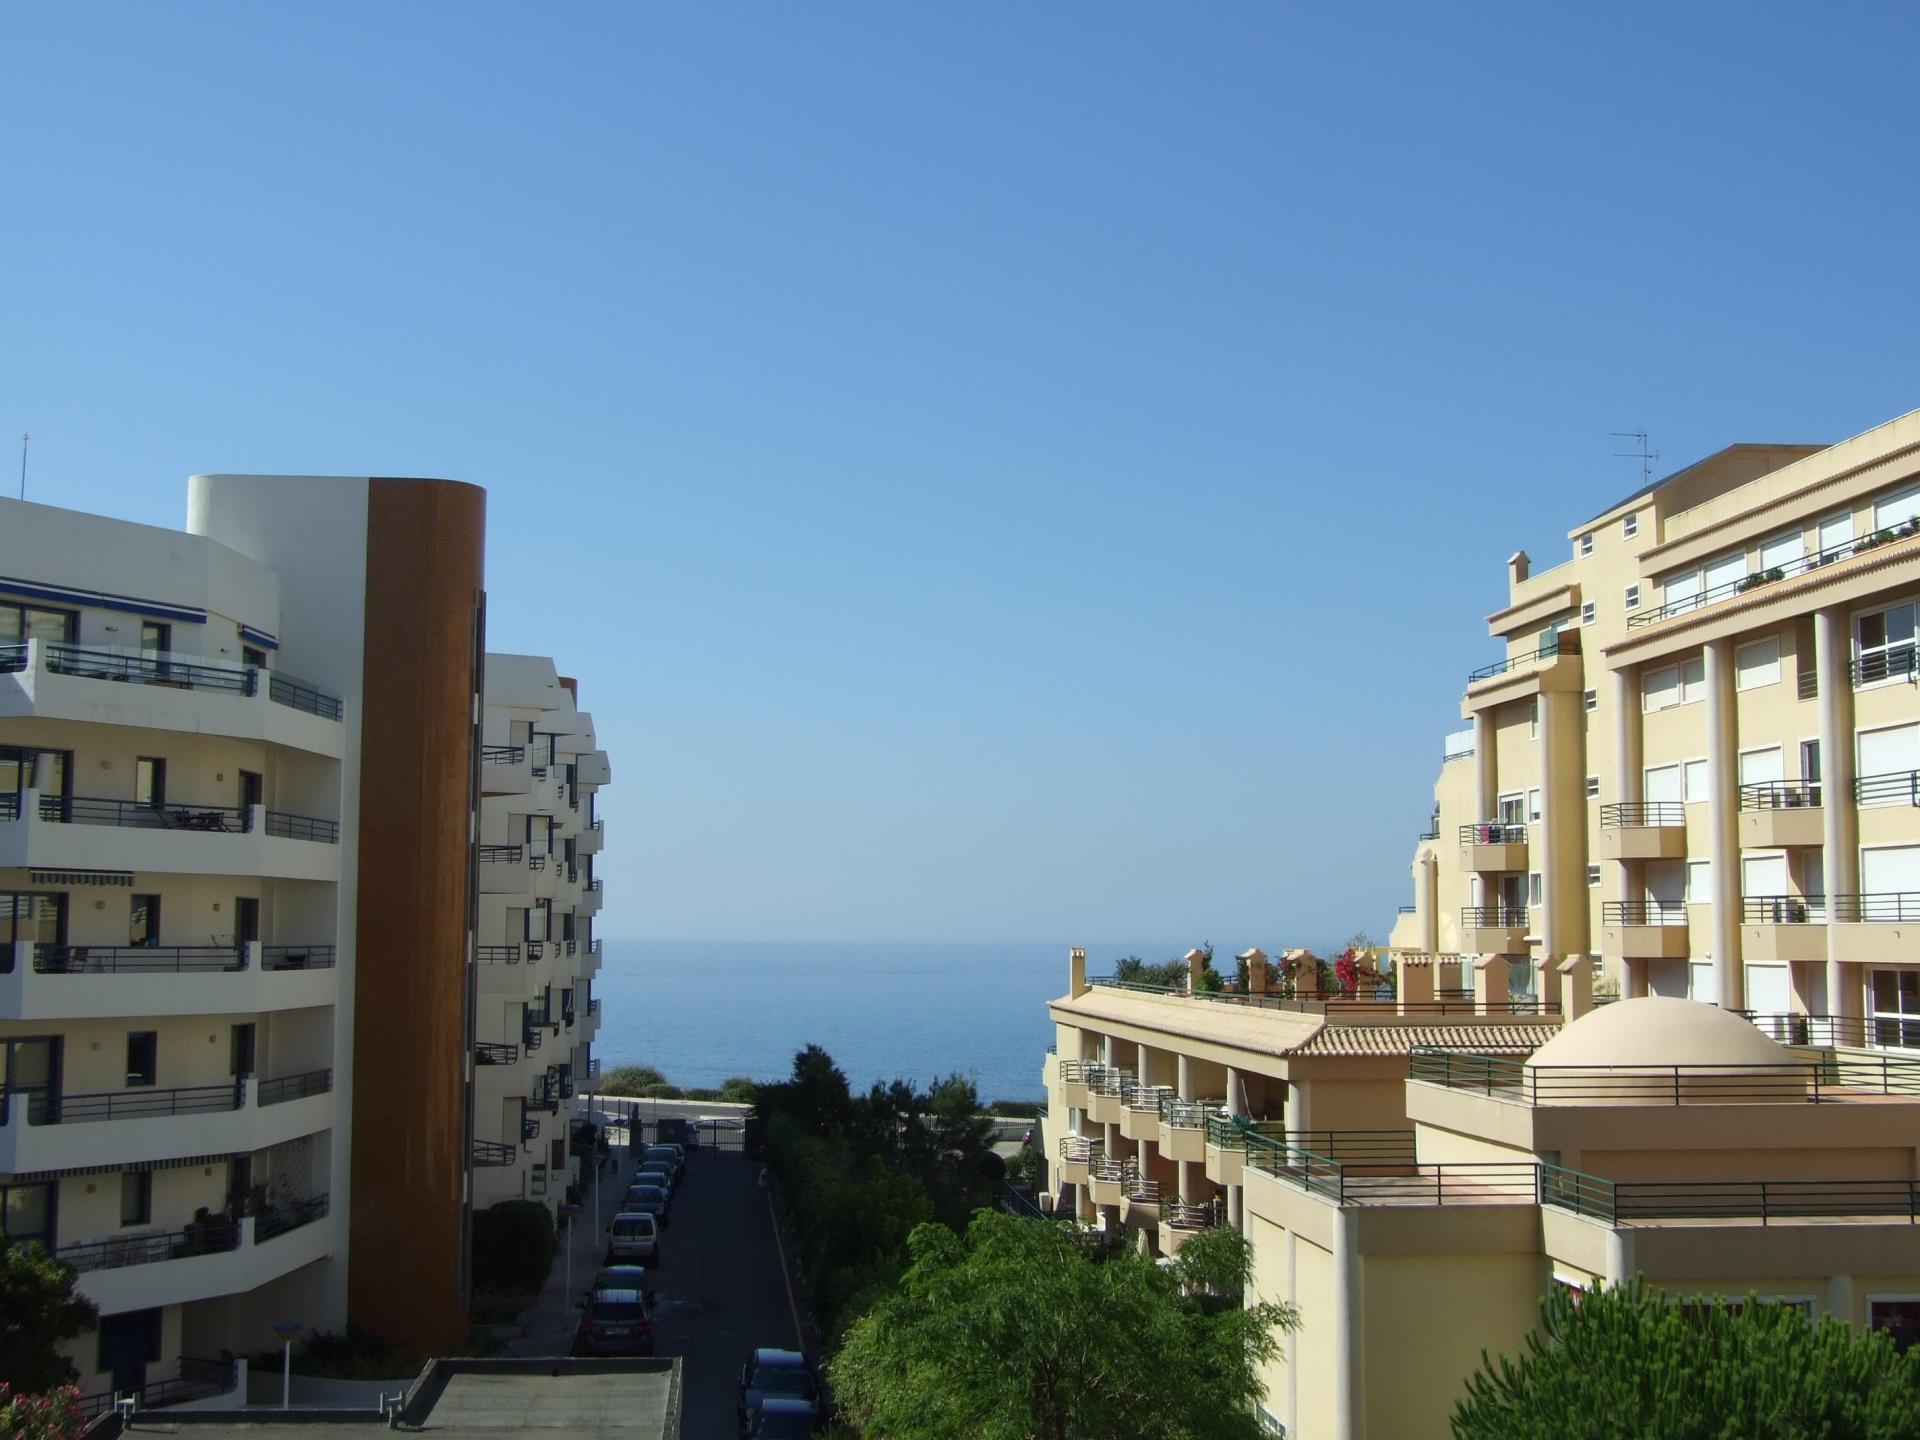 Appartement pour l Vente à Flat, 5 bedrooms, for Sale Guia, Cascais, Lisbonne Portugal